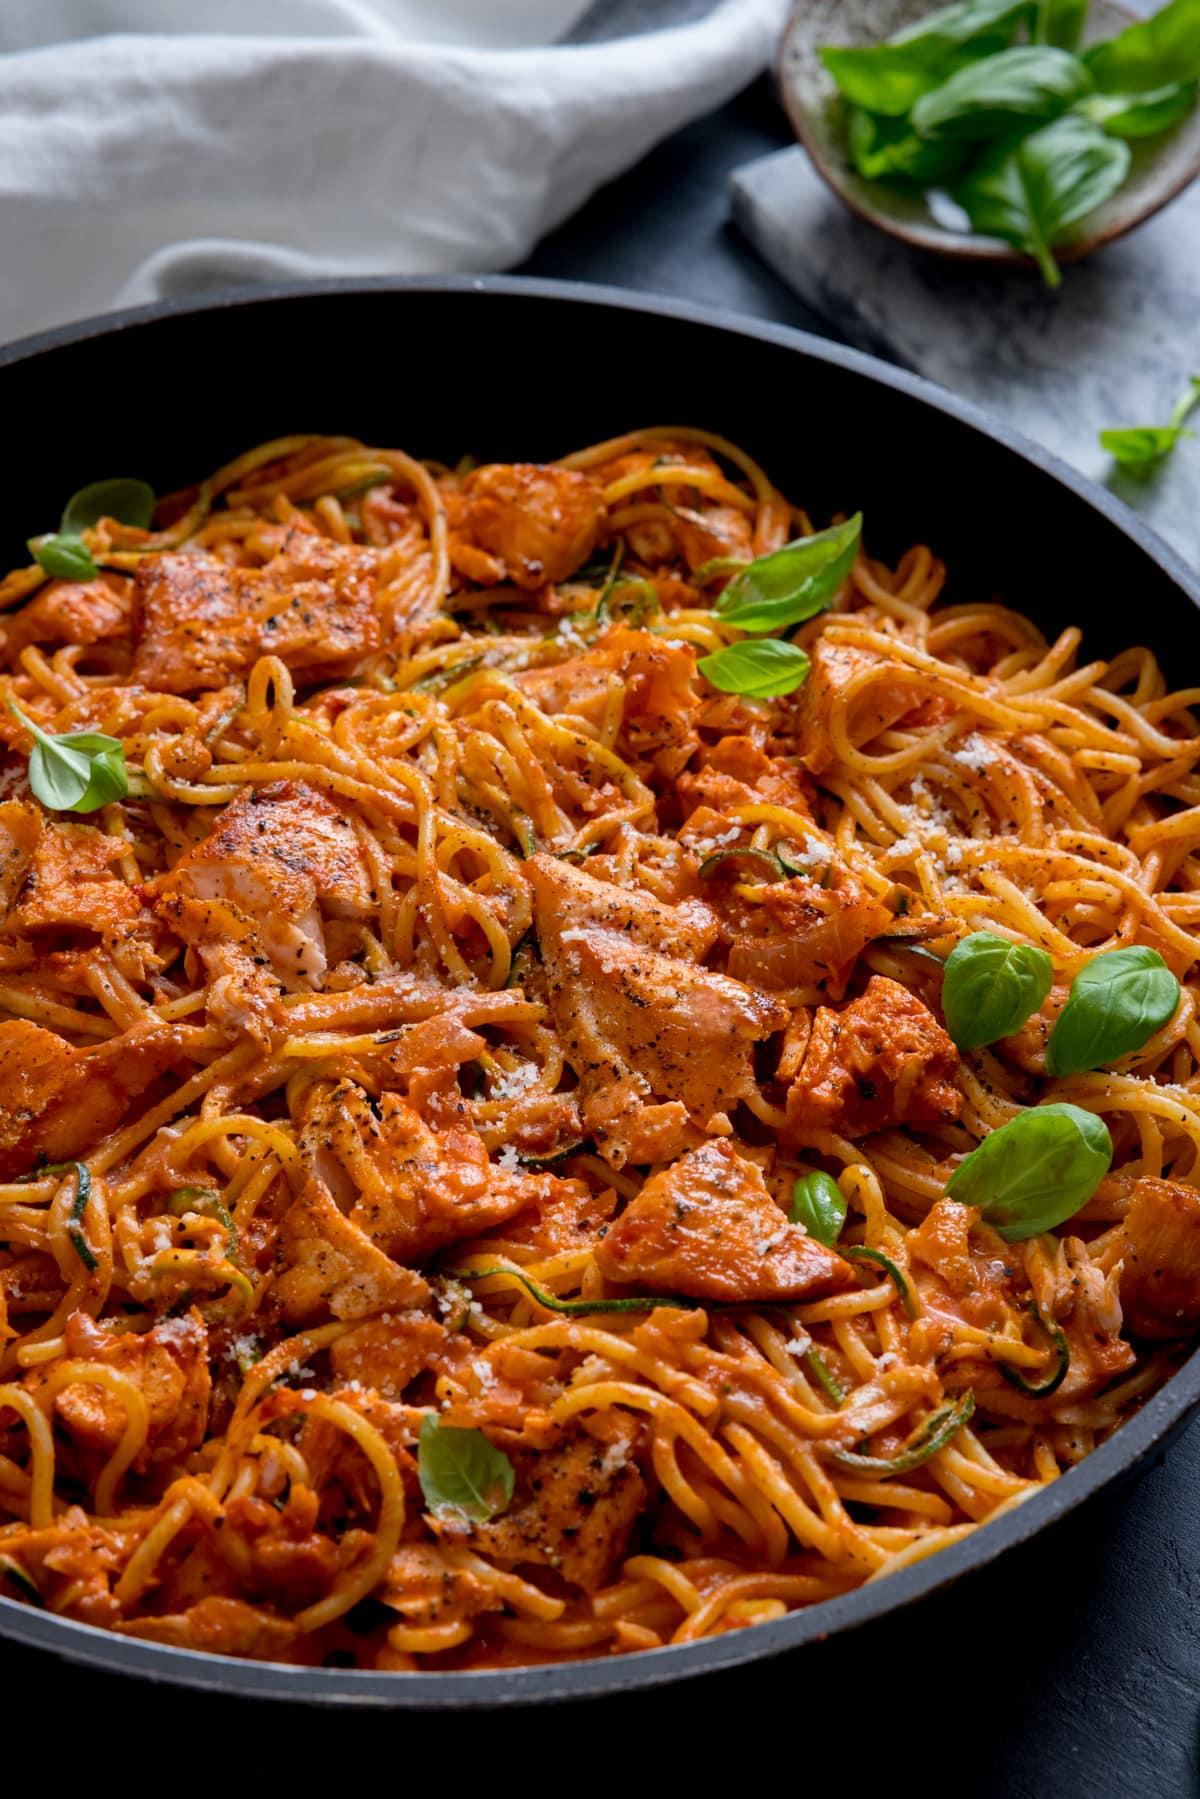 Creamy tomato spaghetti and salmon in a dark pan.